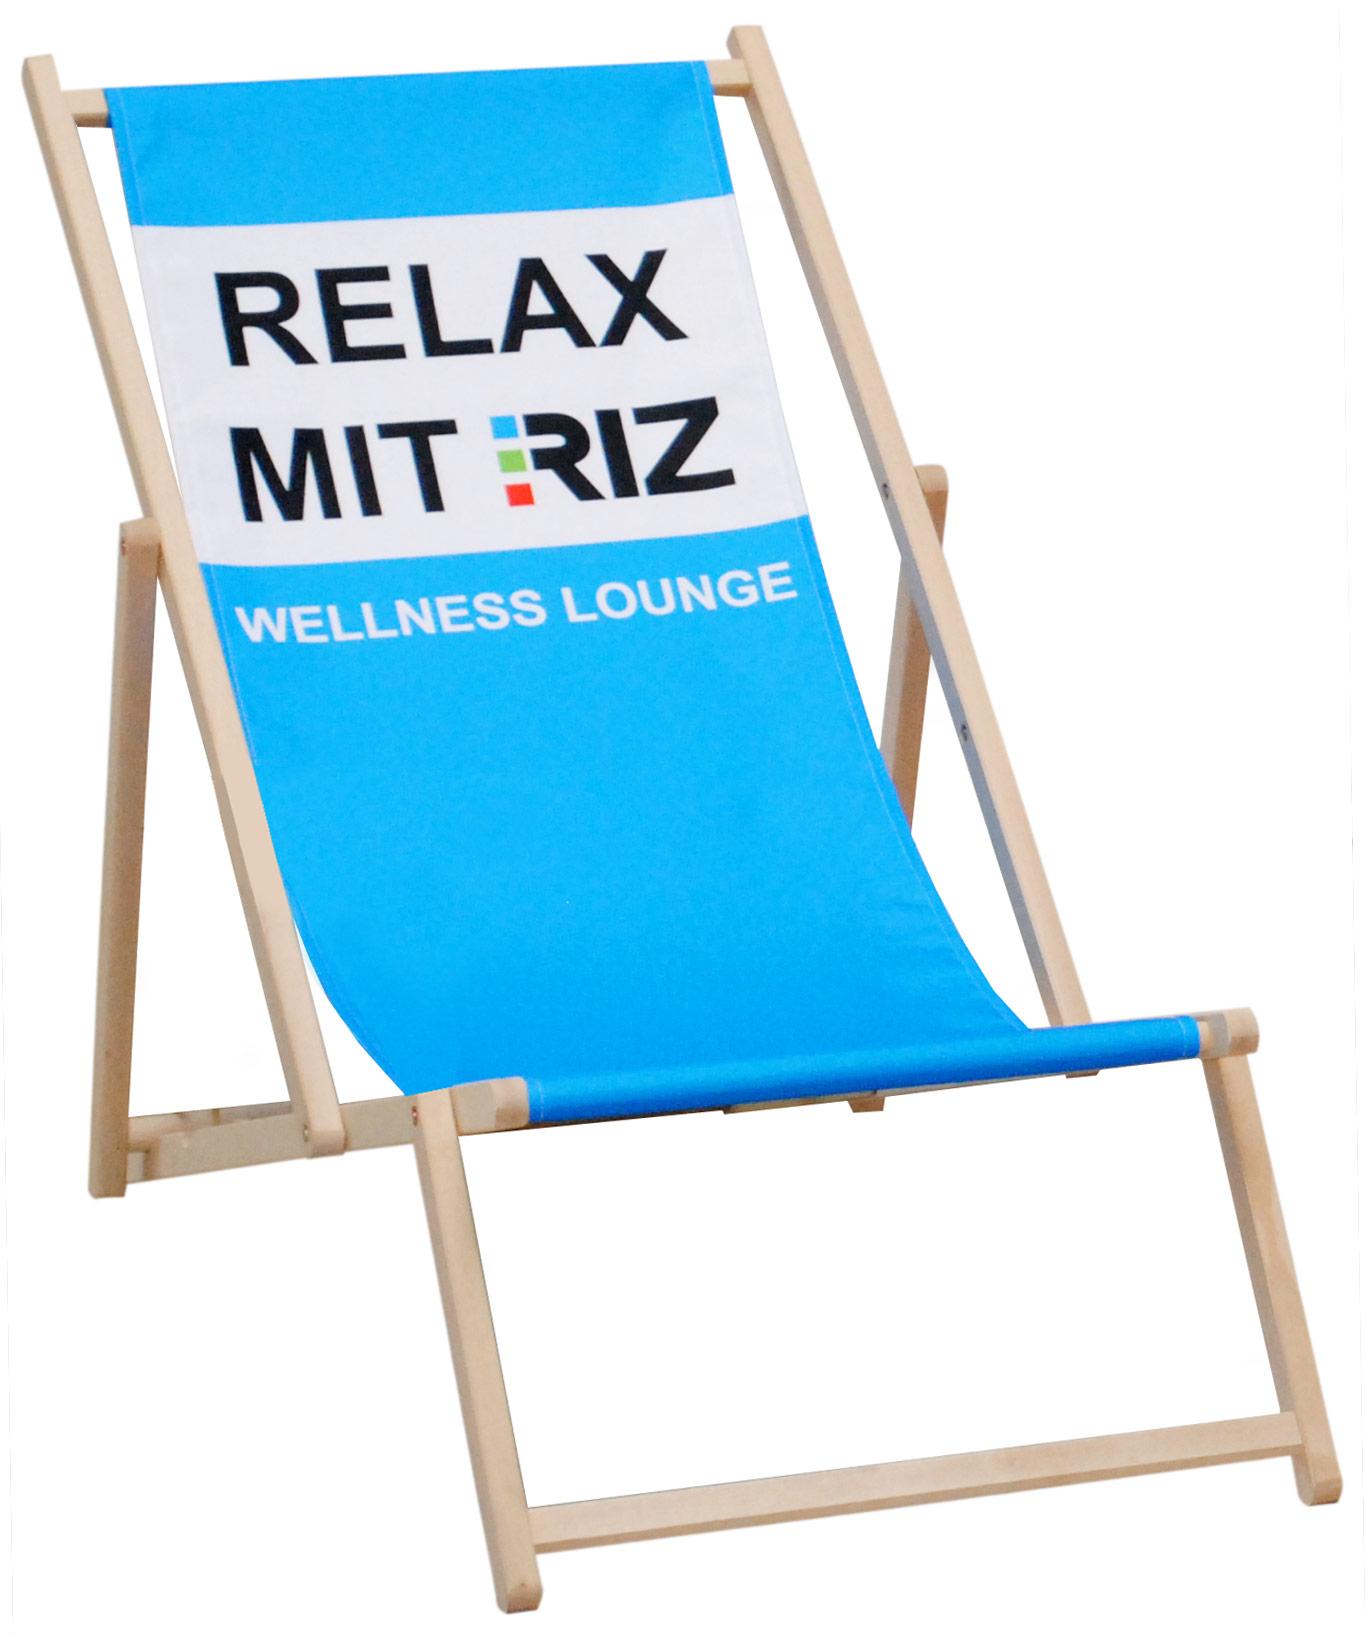 display max holzliegestuhl qualitativ hochwertiger liegestuhl f r event und promotion. Black Bedroom Furniture Sets. Home Design Ideas